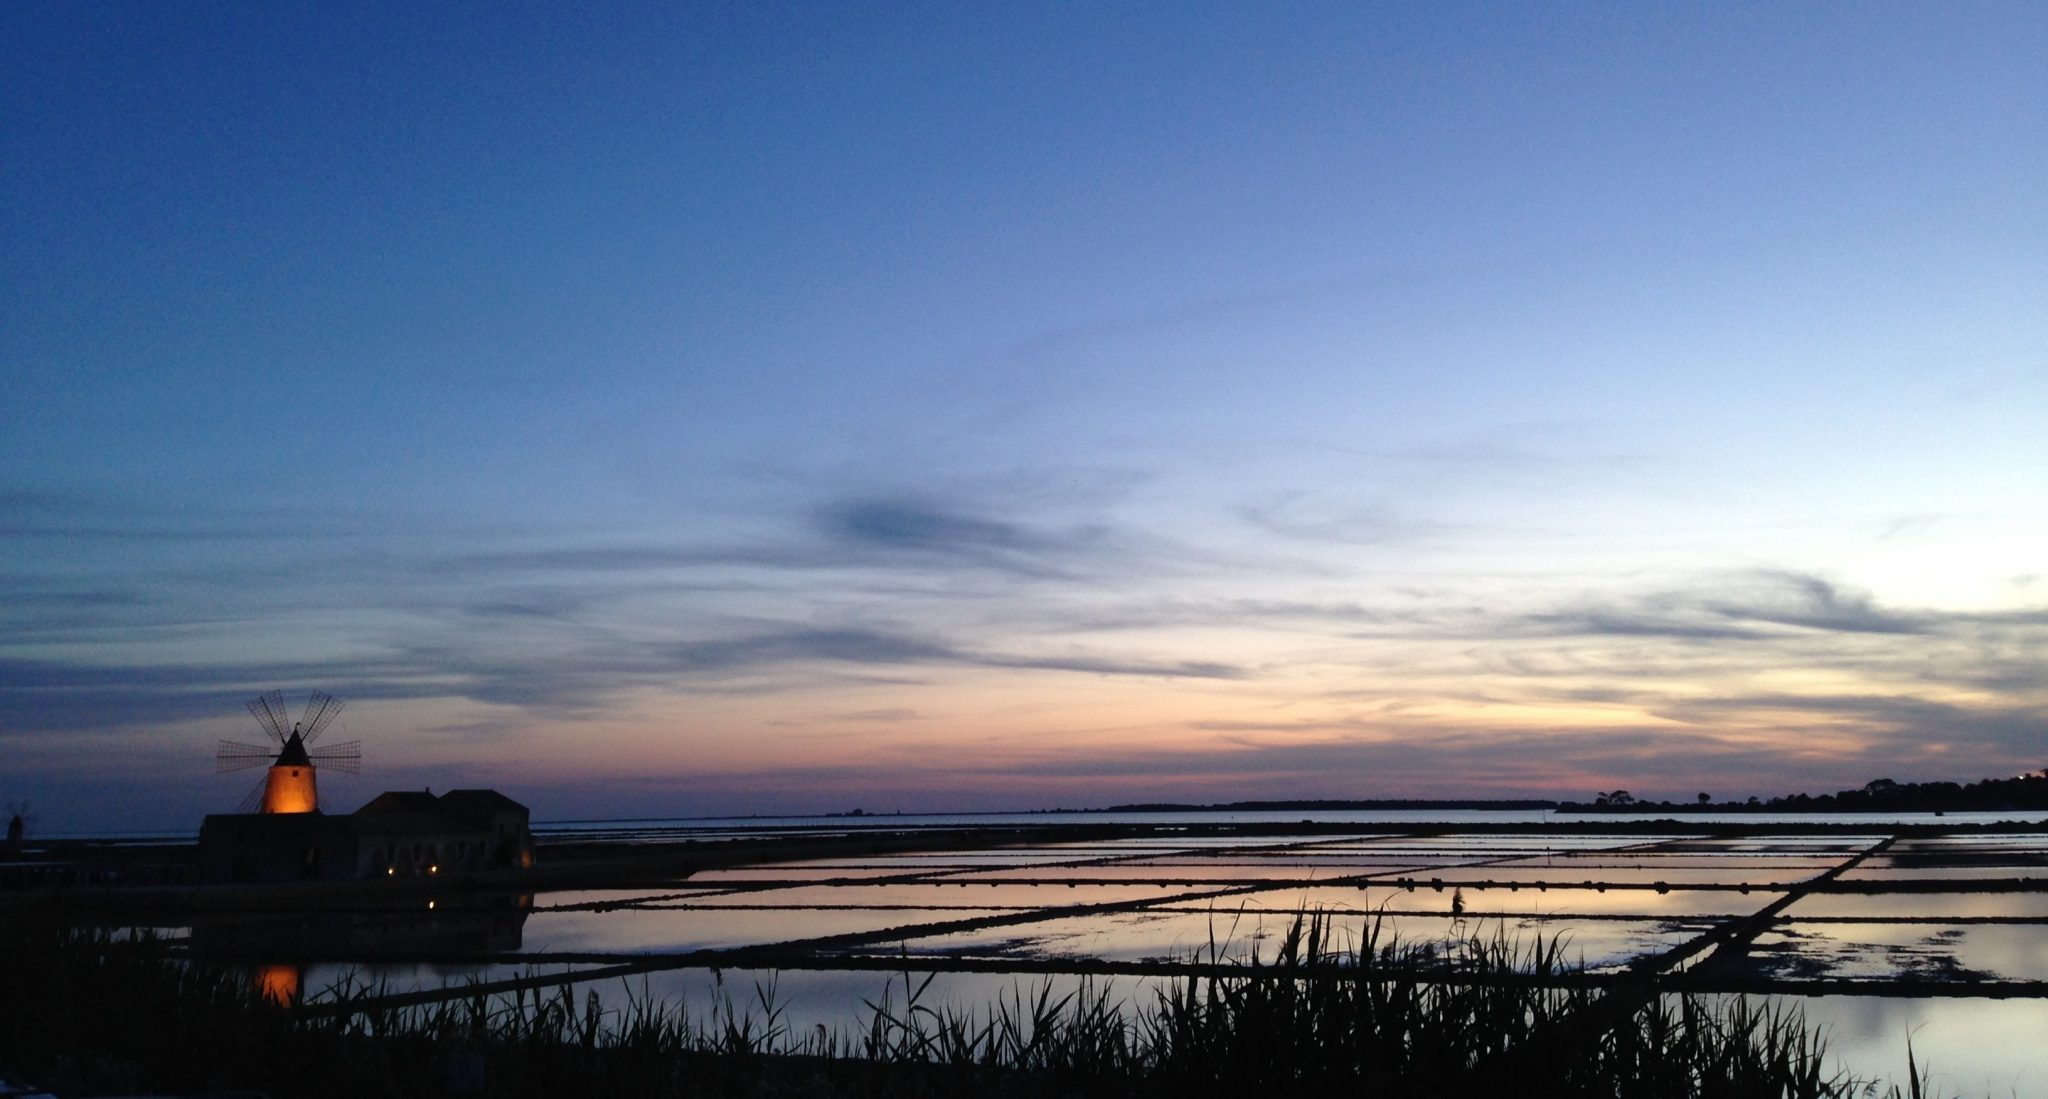 Saline at dusk